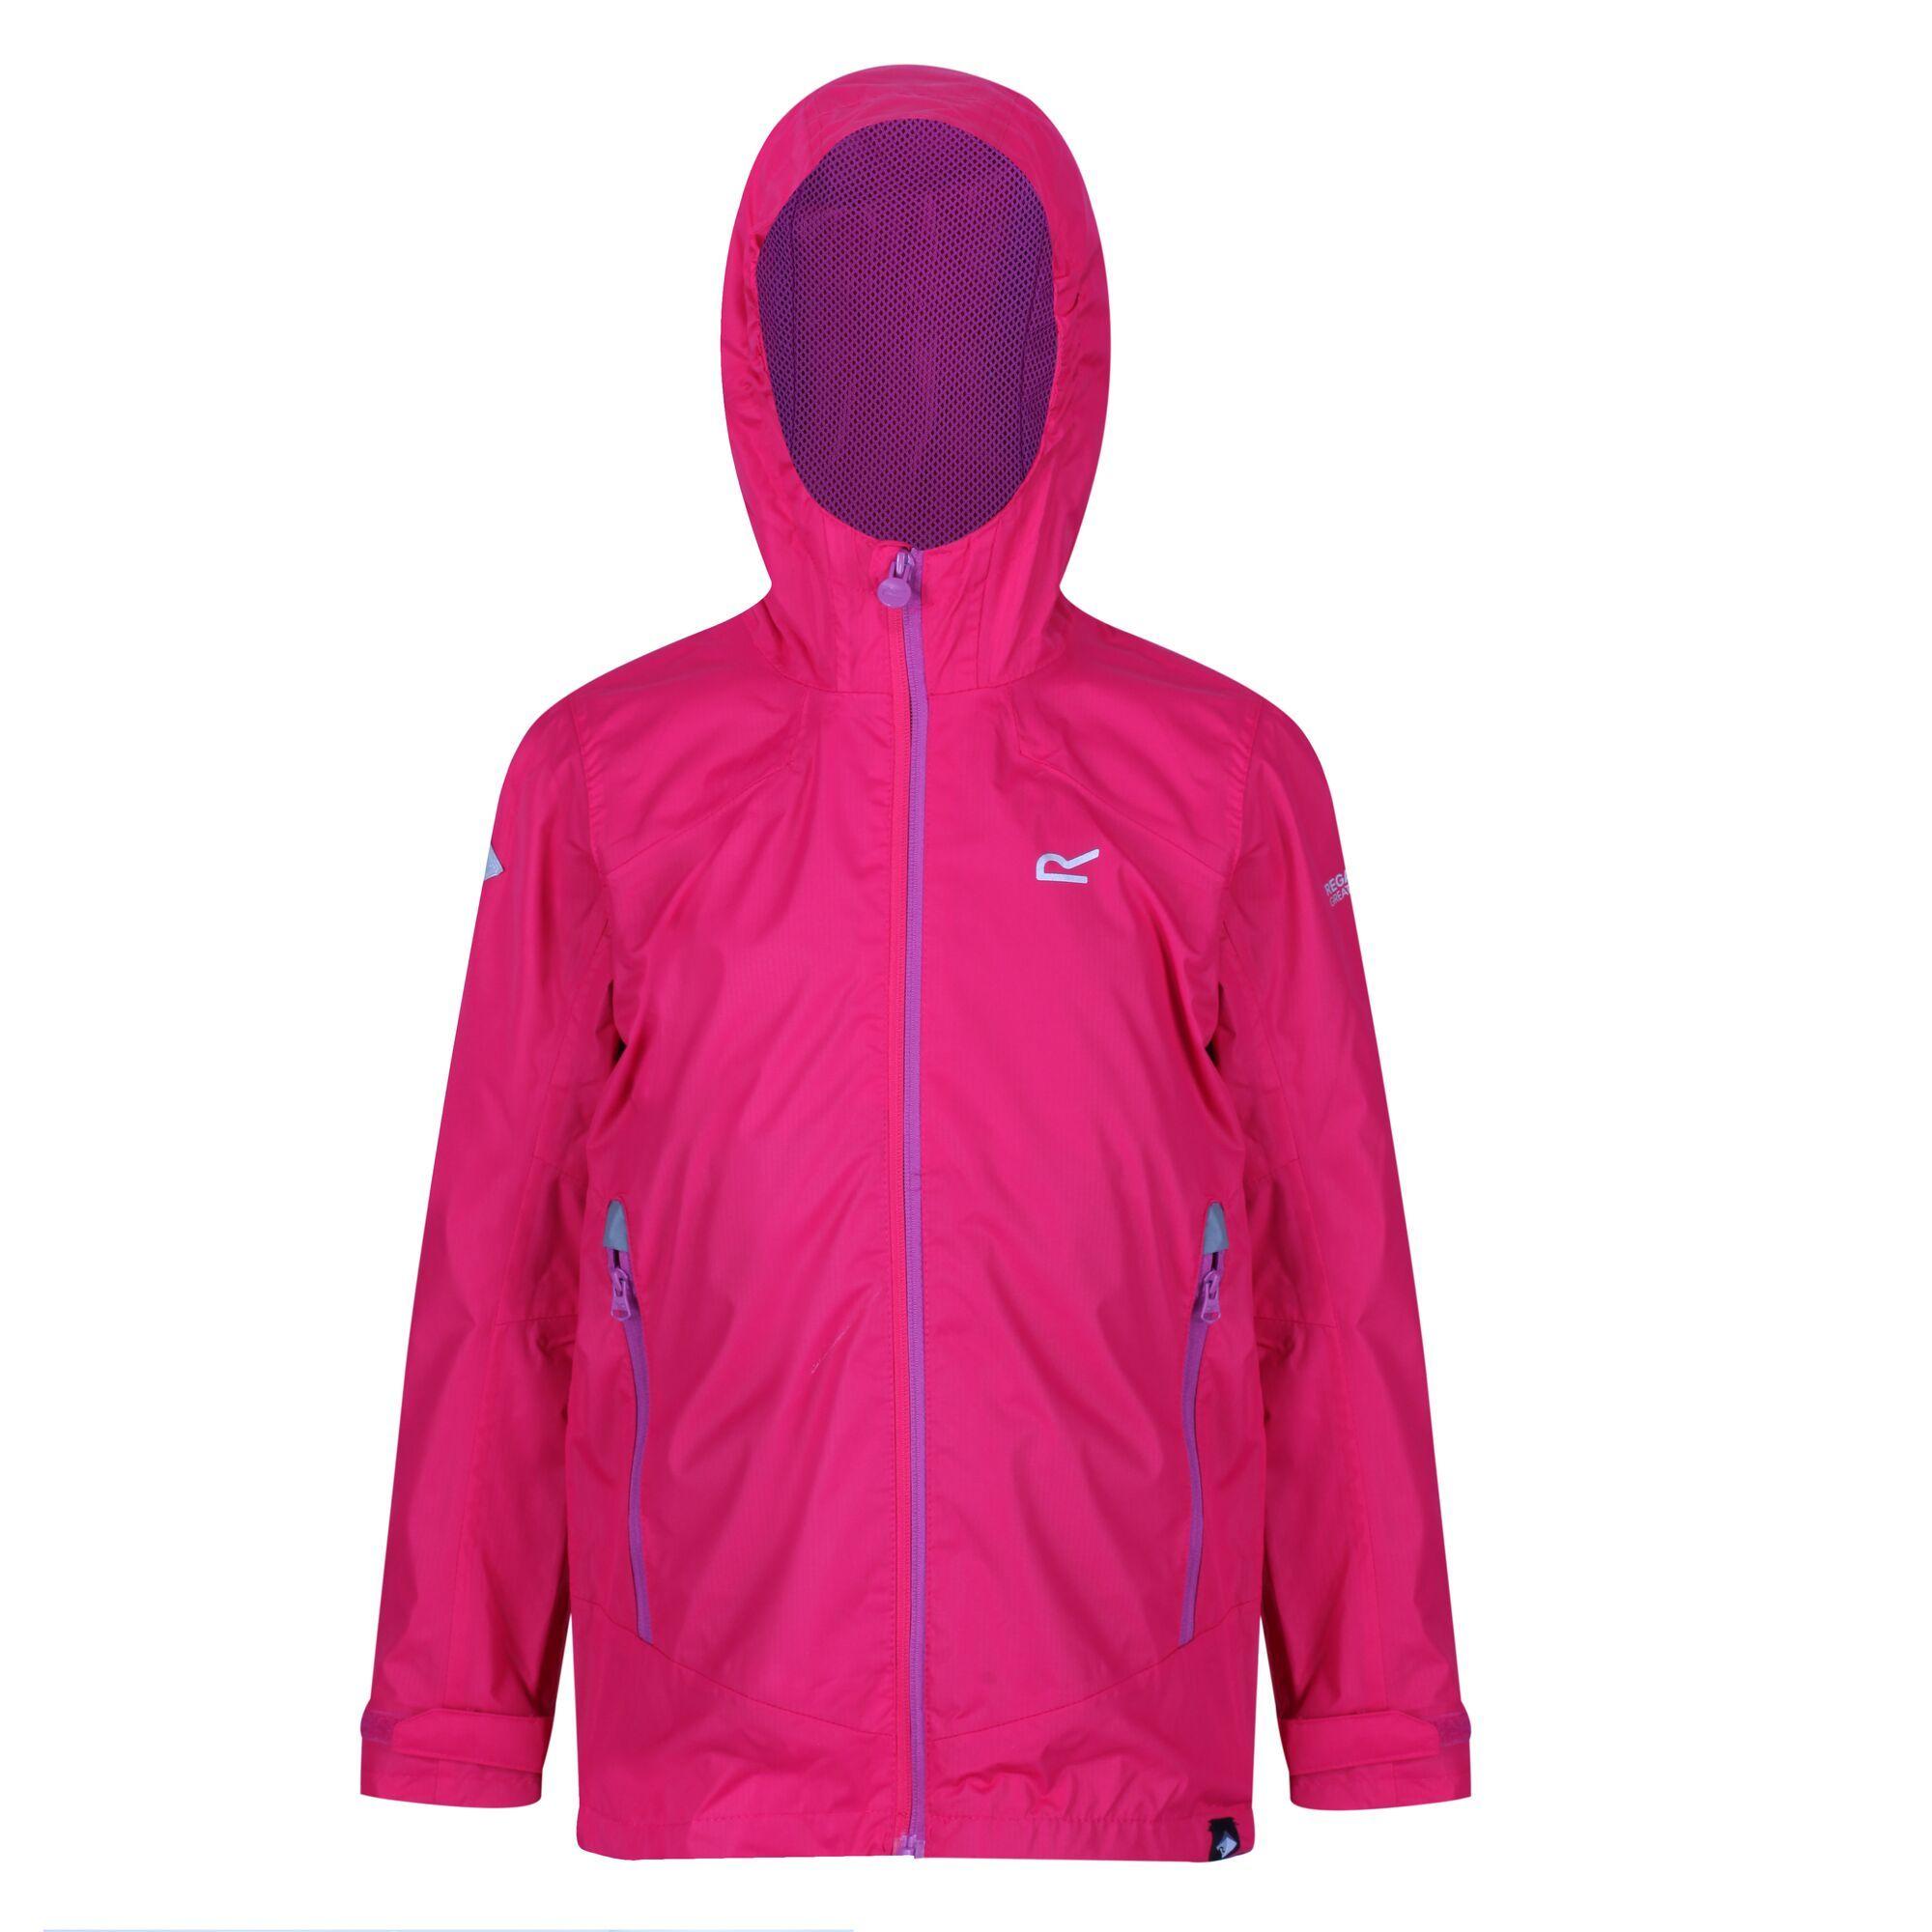 Regatta Childrens/Kids Allcrest IV Waterproof Jacket